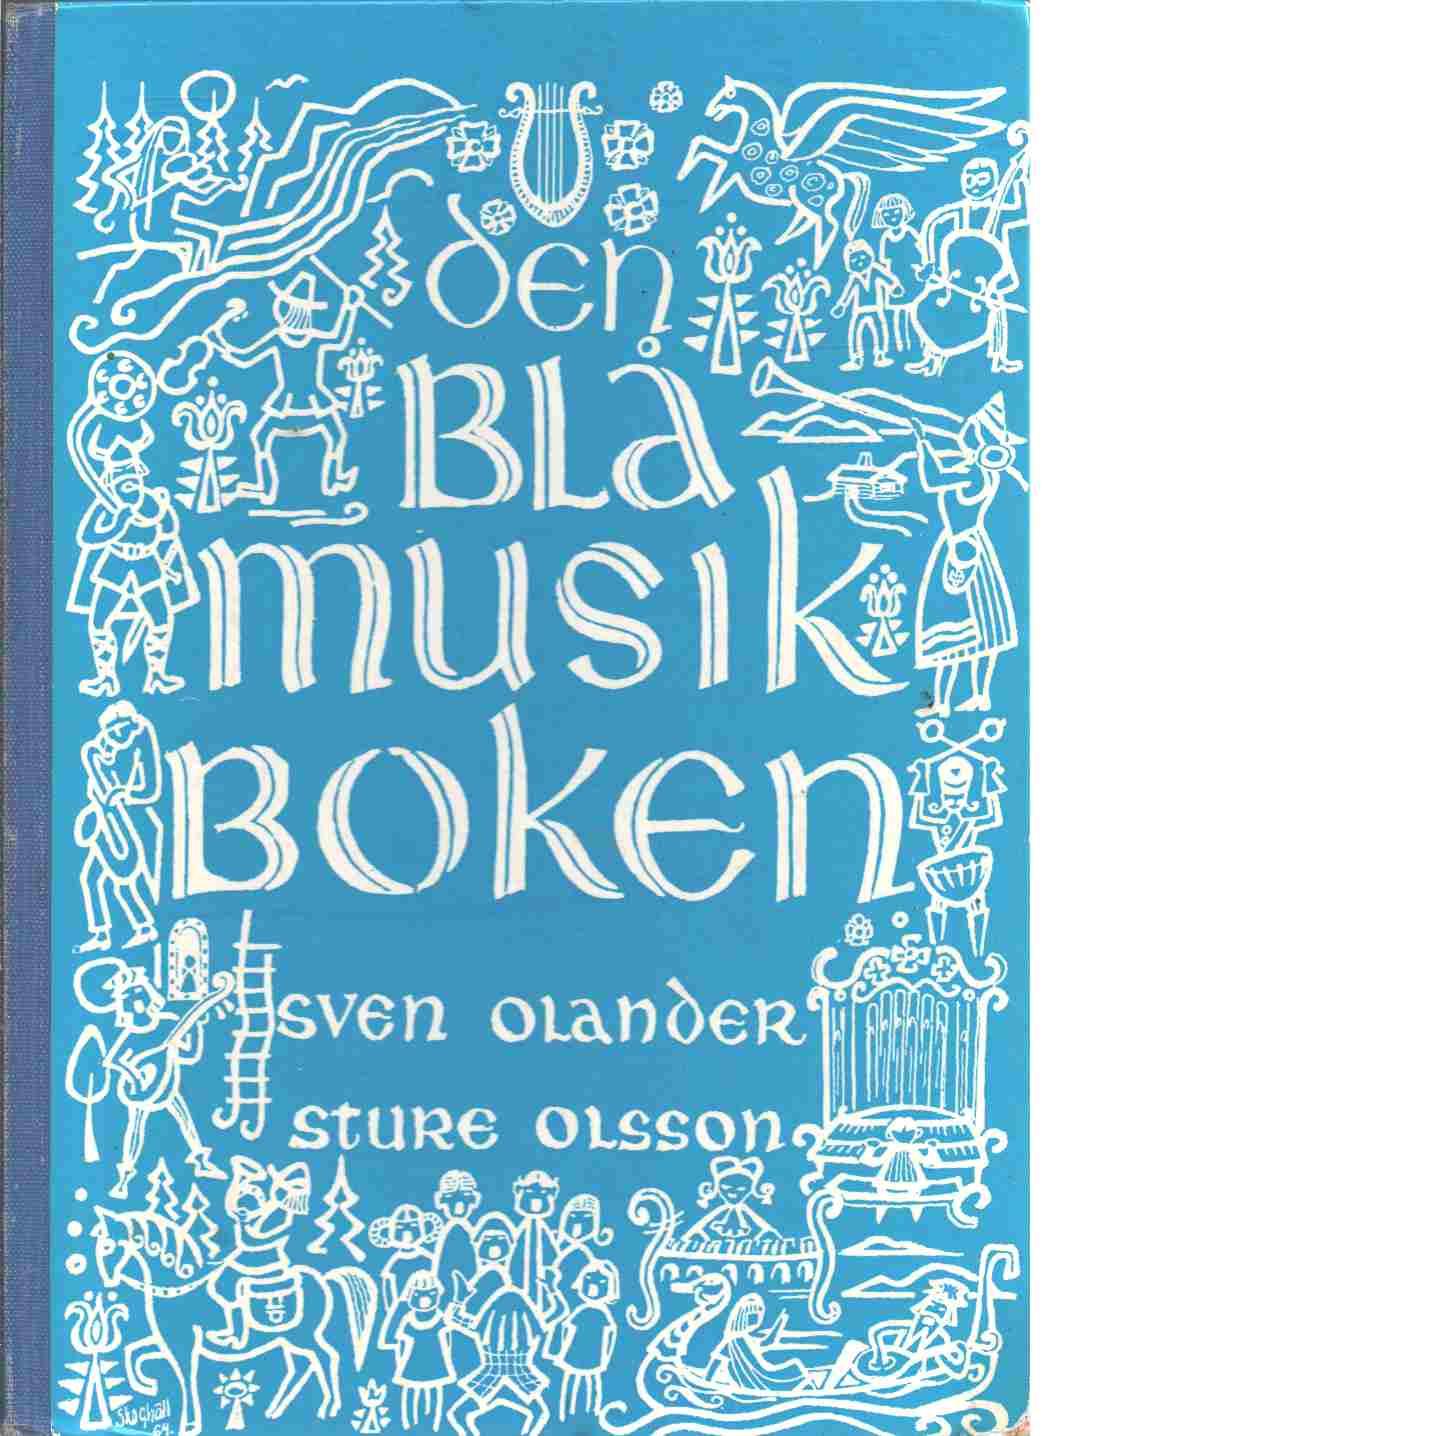 Den blå musikboken [Musiktryck] - Red. Olsson, Sture och Olander, Sven